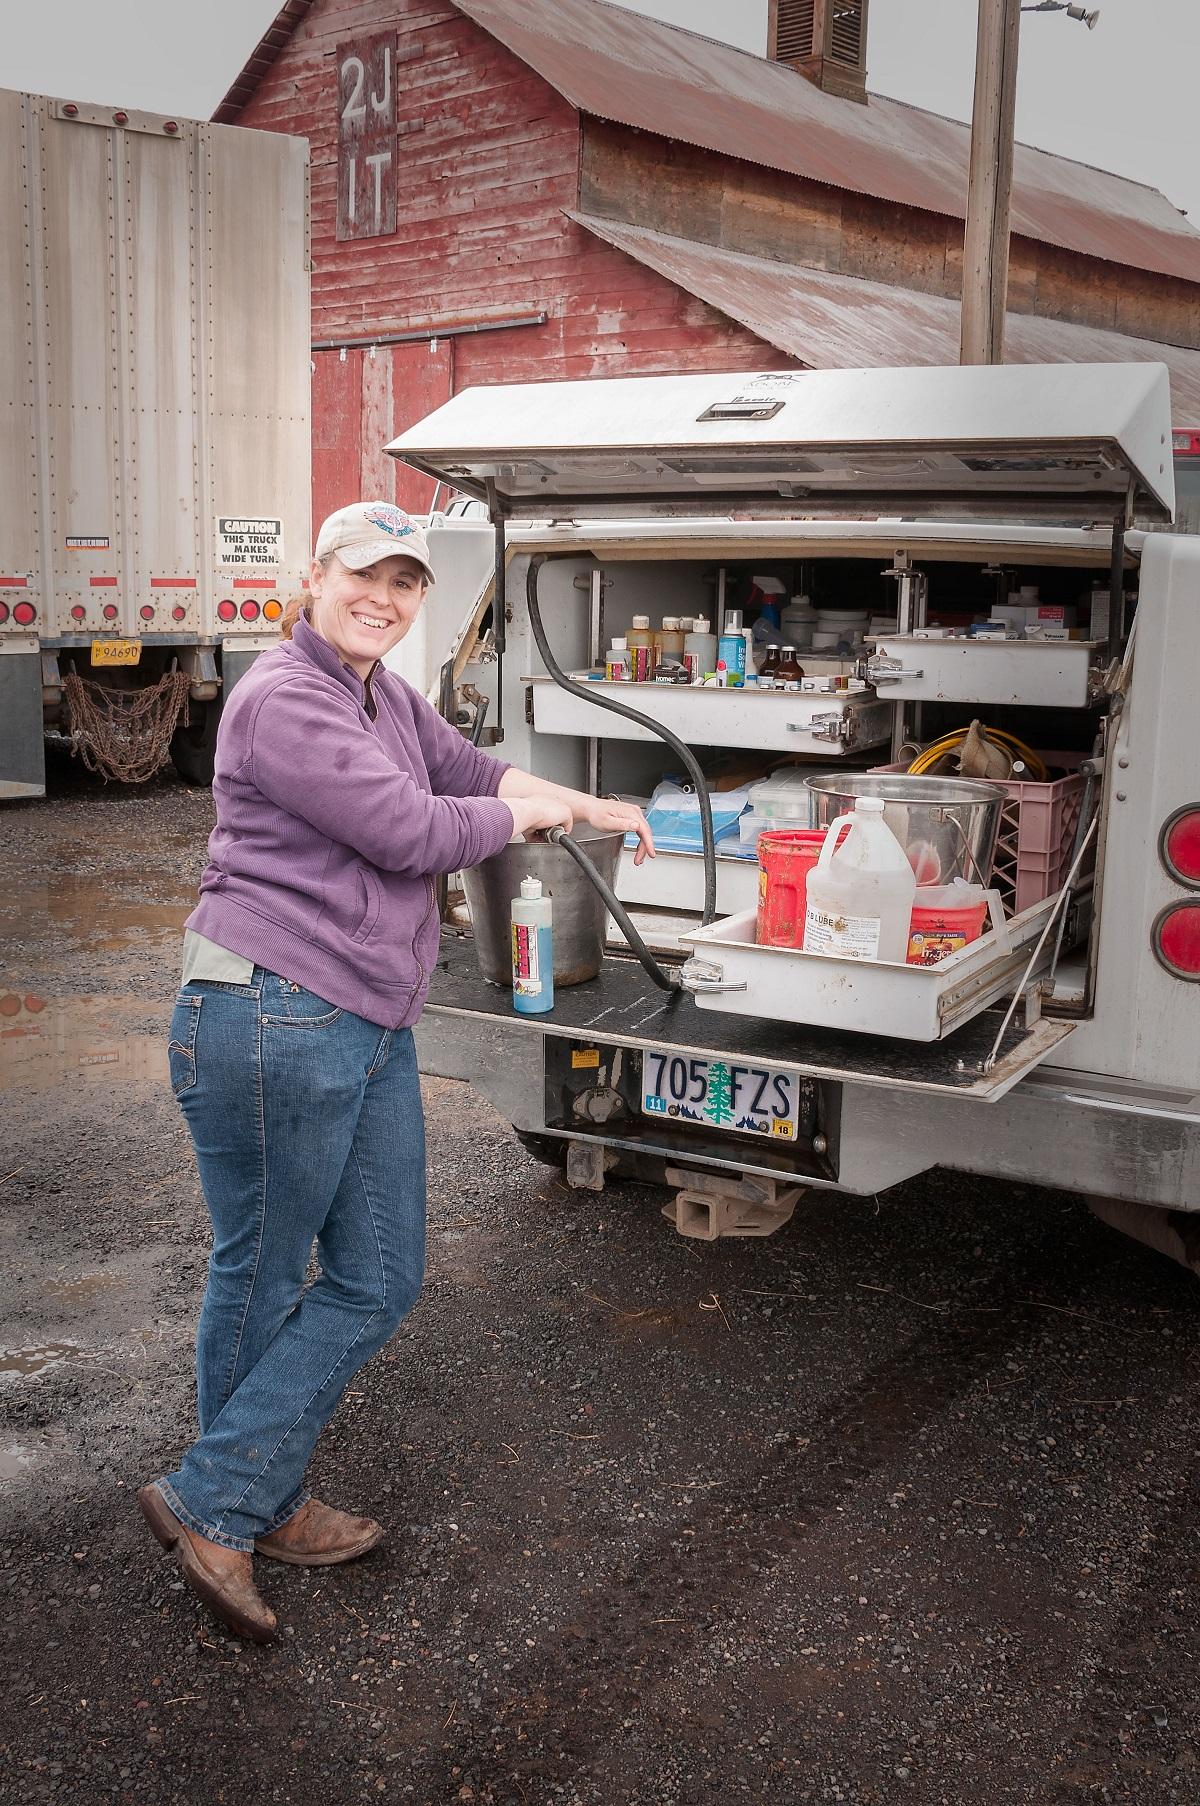 Melissa-with-vet-truck-DSC_7084.jpg